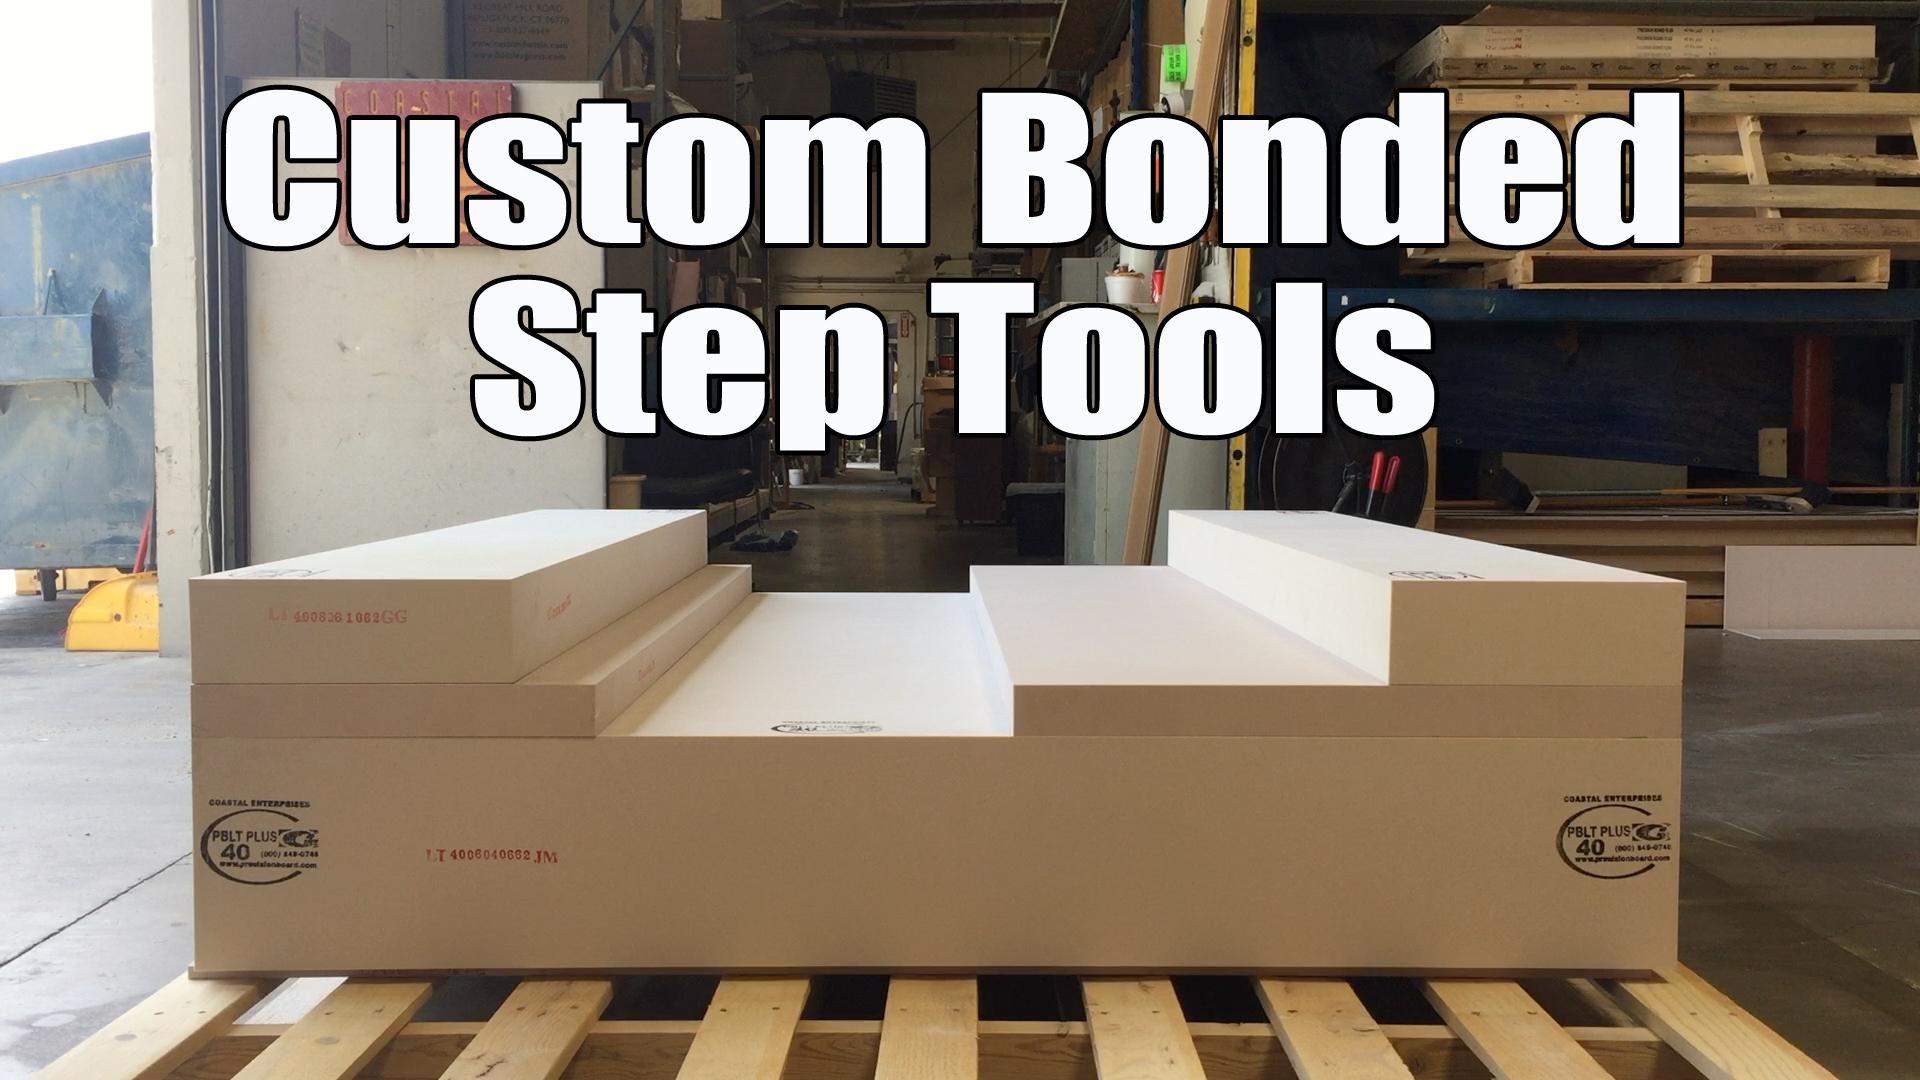 Custom Bonded Step Tools